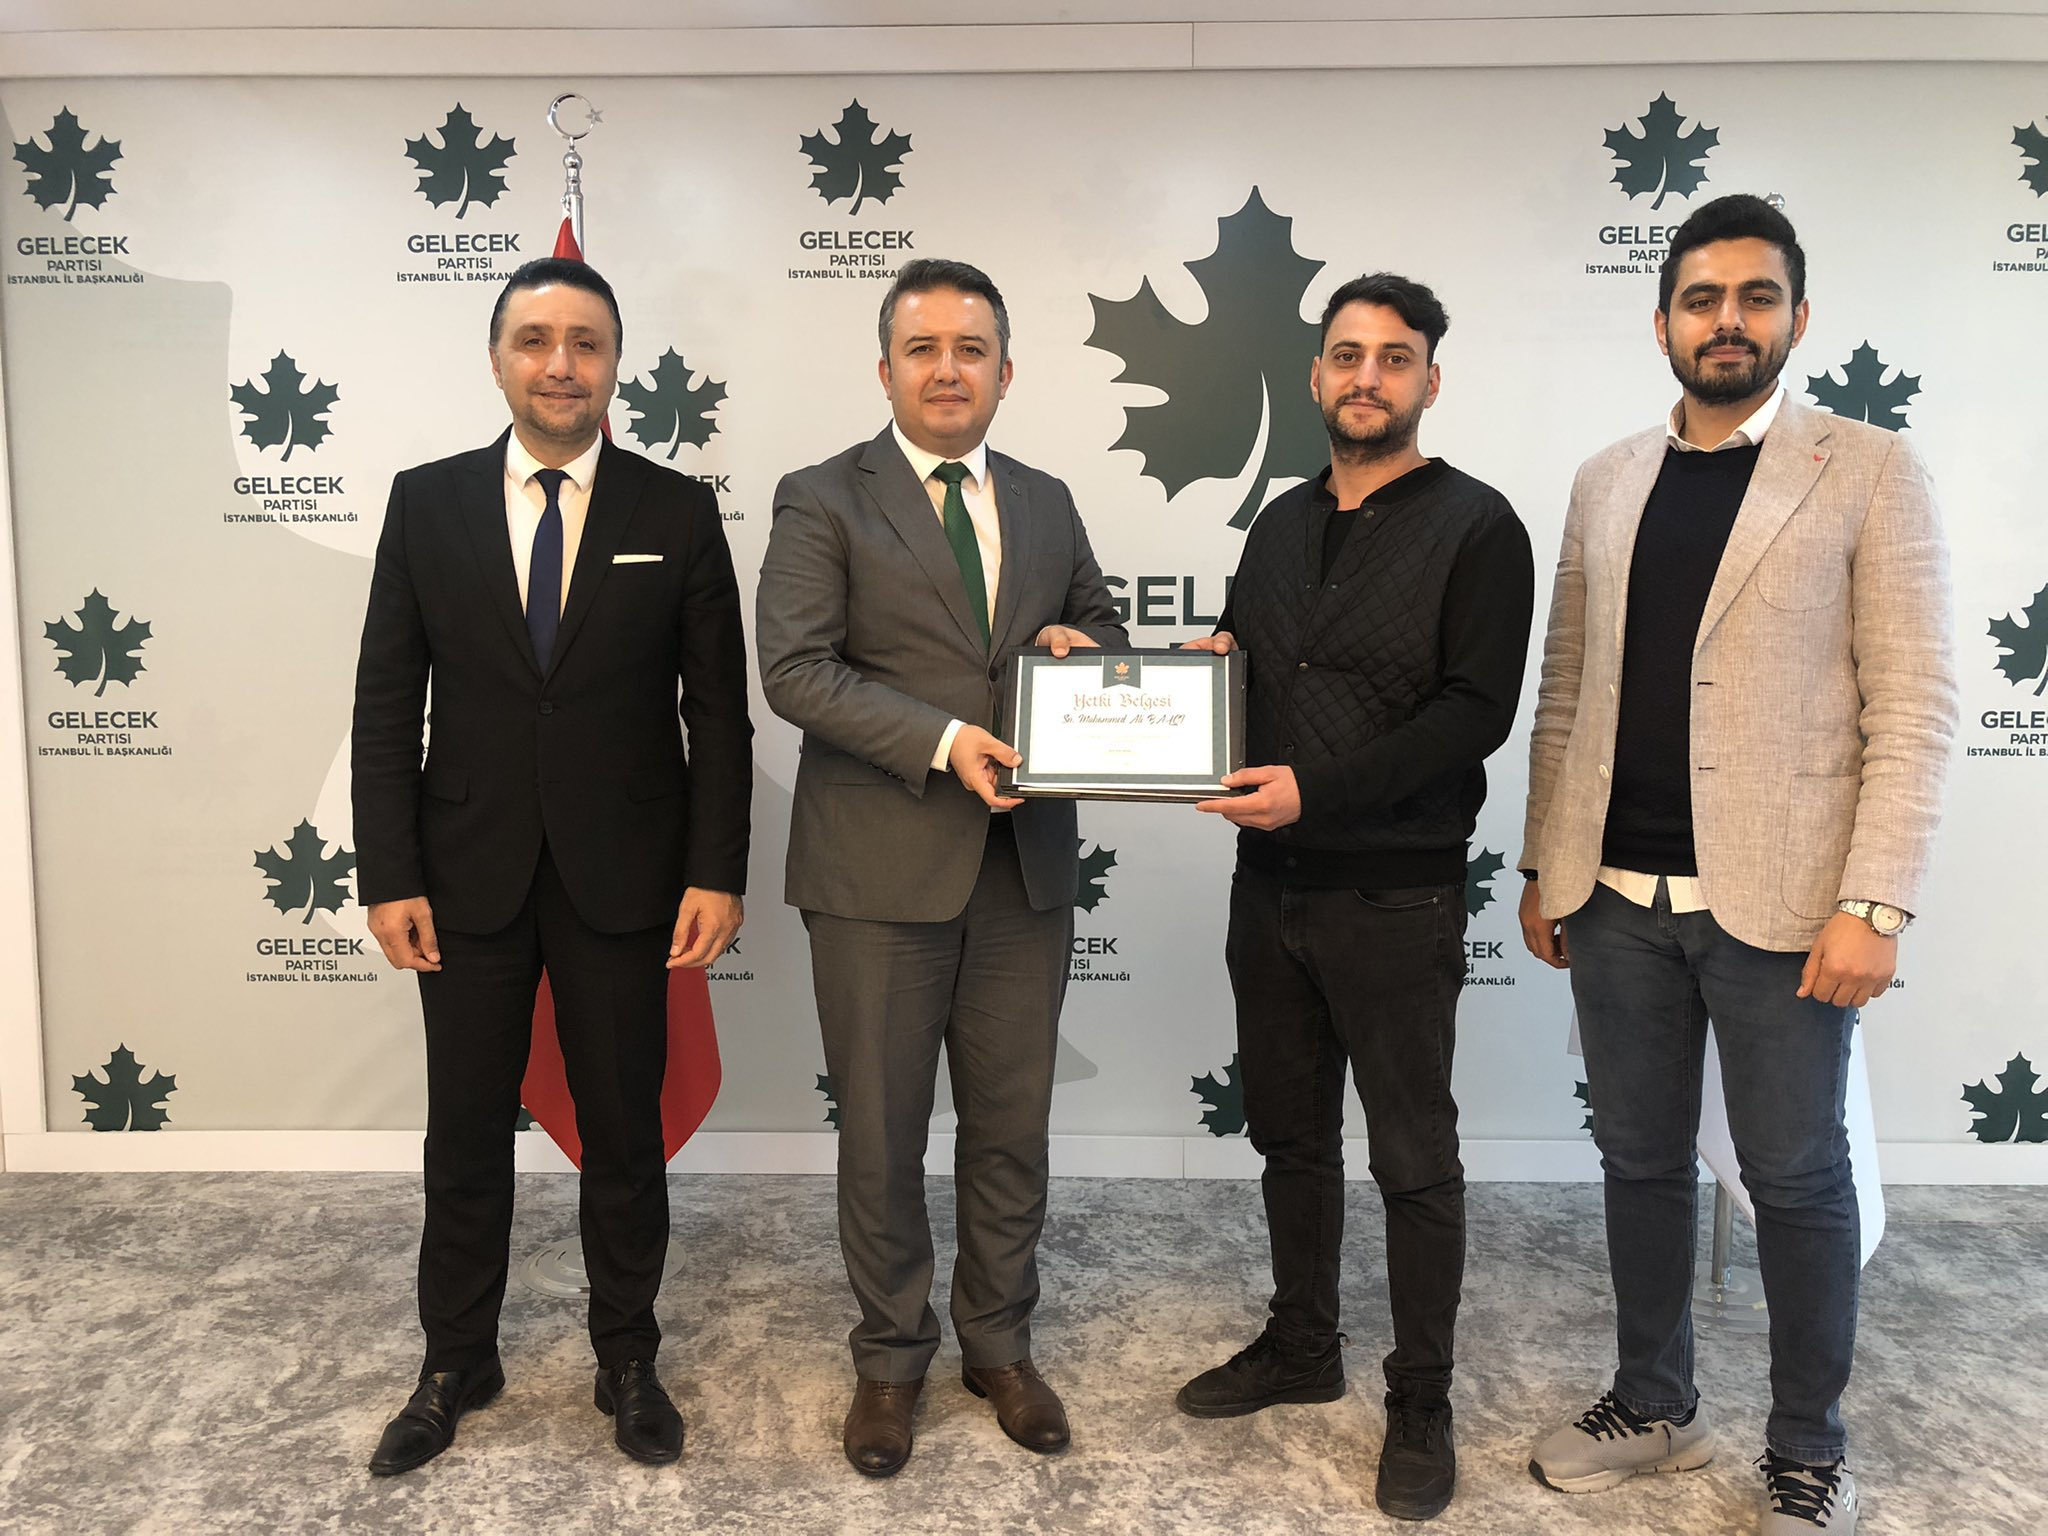 Büyükçekmece İlçe Gençlik Kolları Başkanımız olarak Muhammed Ali Balcı atanmıştır.